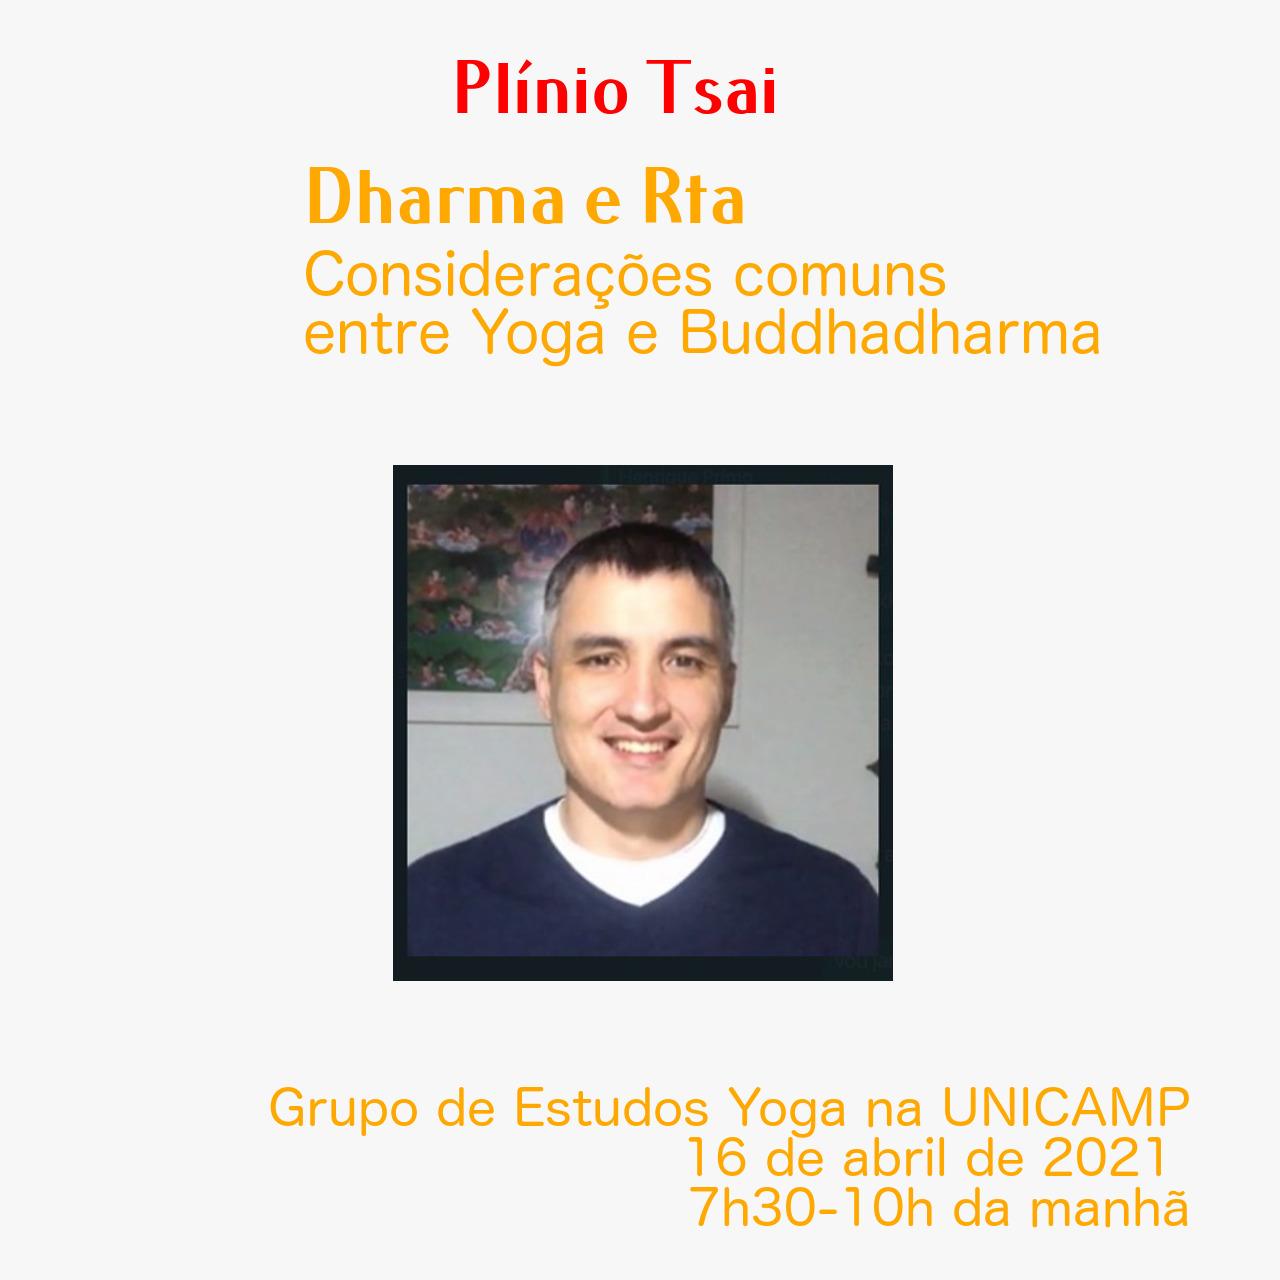 Diálogo do nosso Prof. Dr. Plínio M. Tsai com o pessoal do Yoga na Unicamp, sobre o conceito de fluxo da realidade nestes dois importantes registros de conhecimento – Budismo Indiano e Yoga.